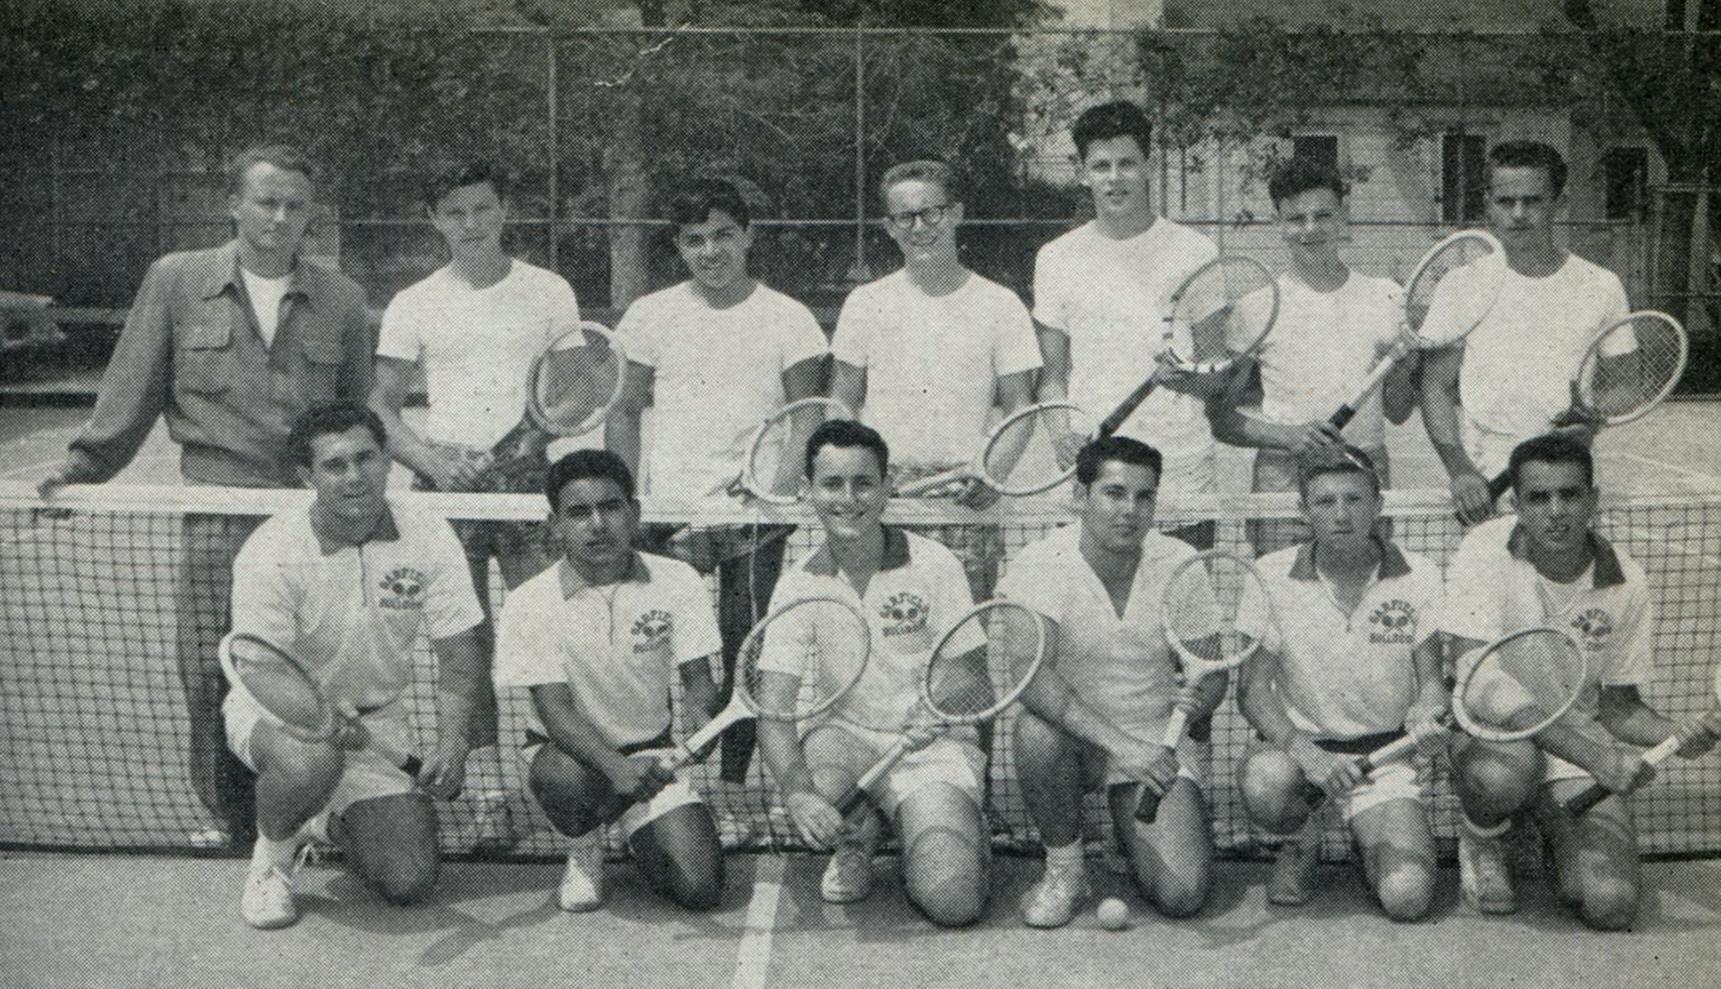 Tennis team 1954